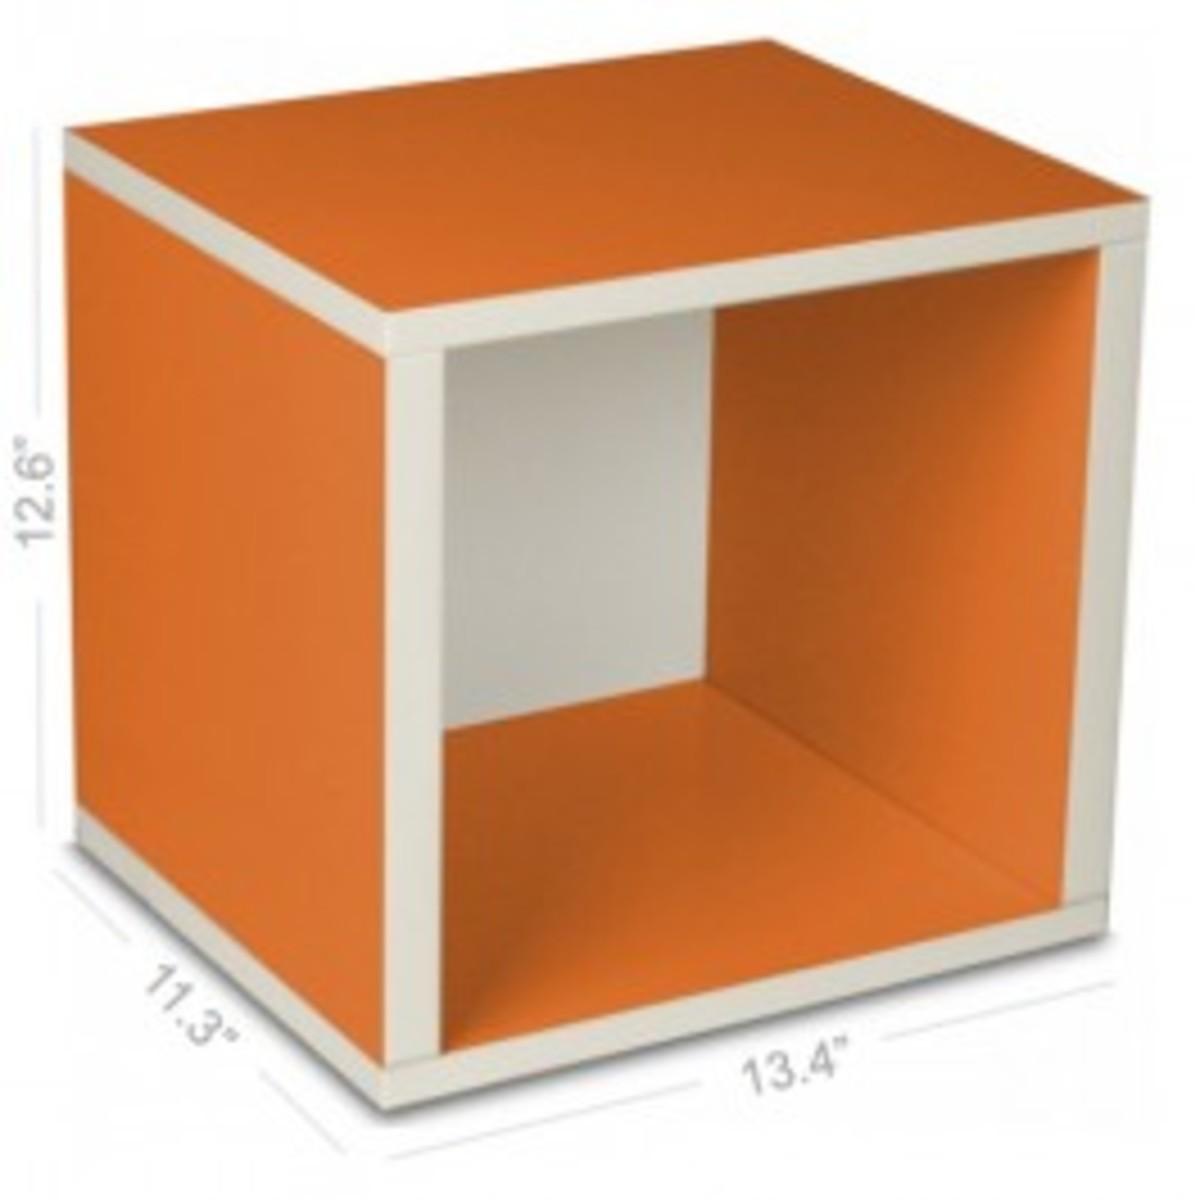 orange_cube_dim